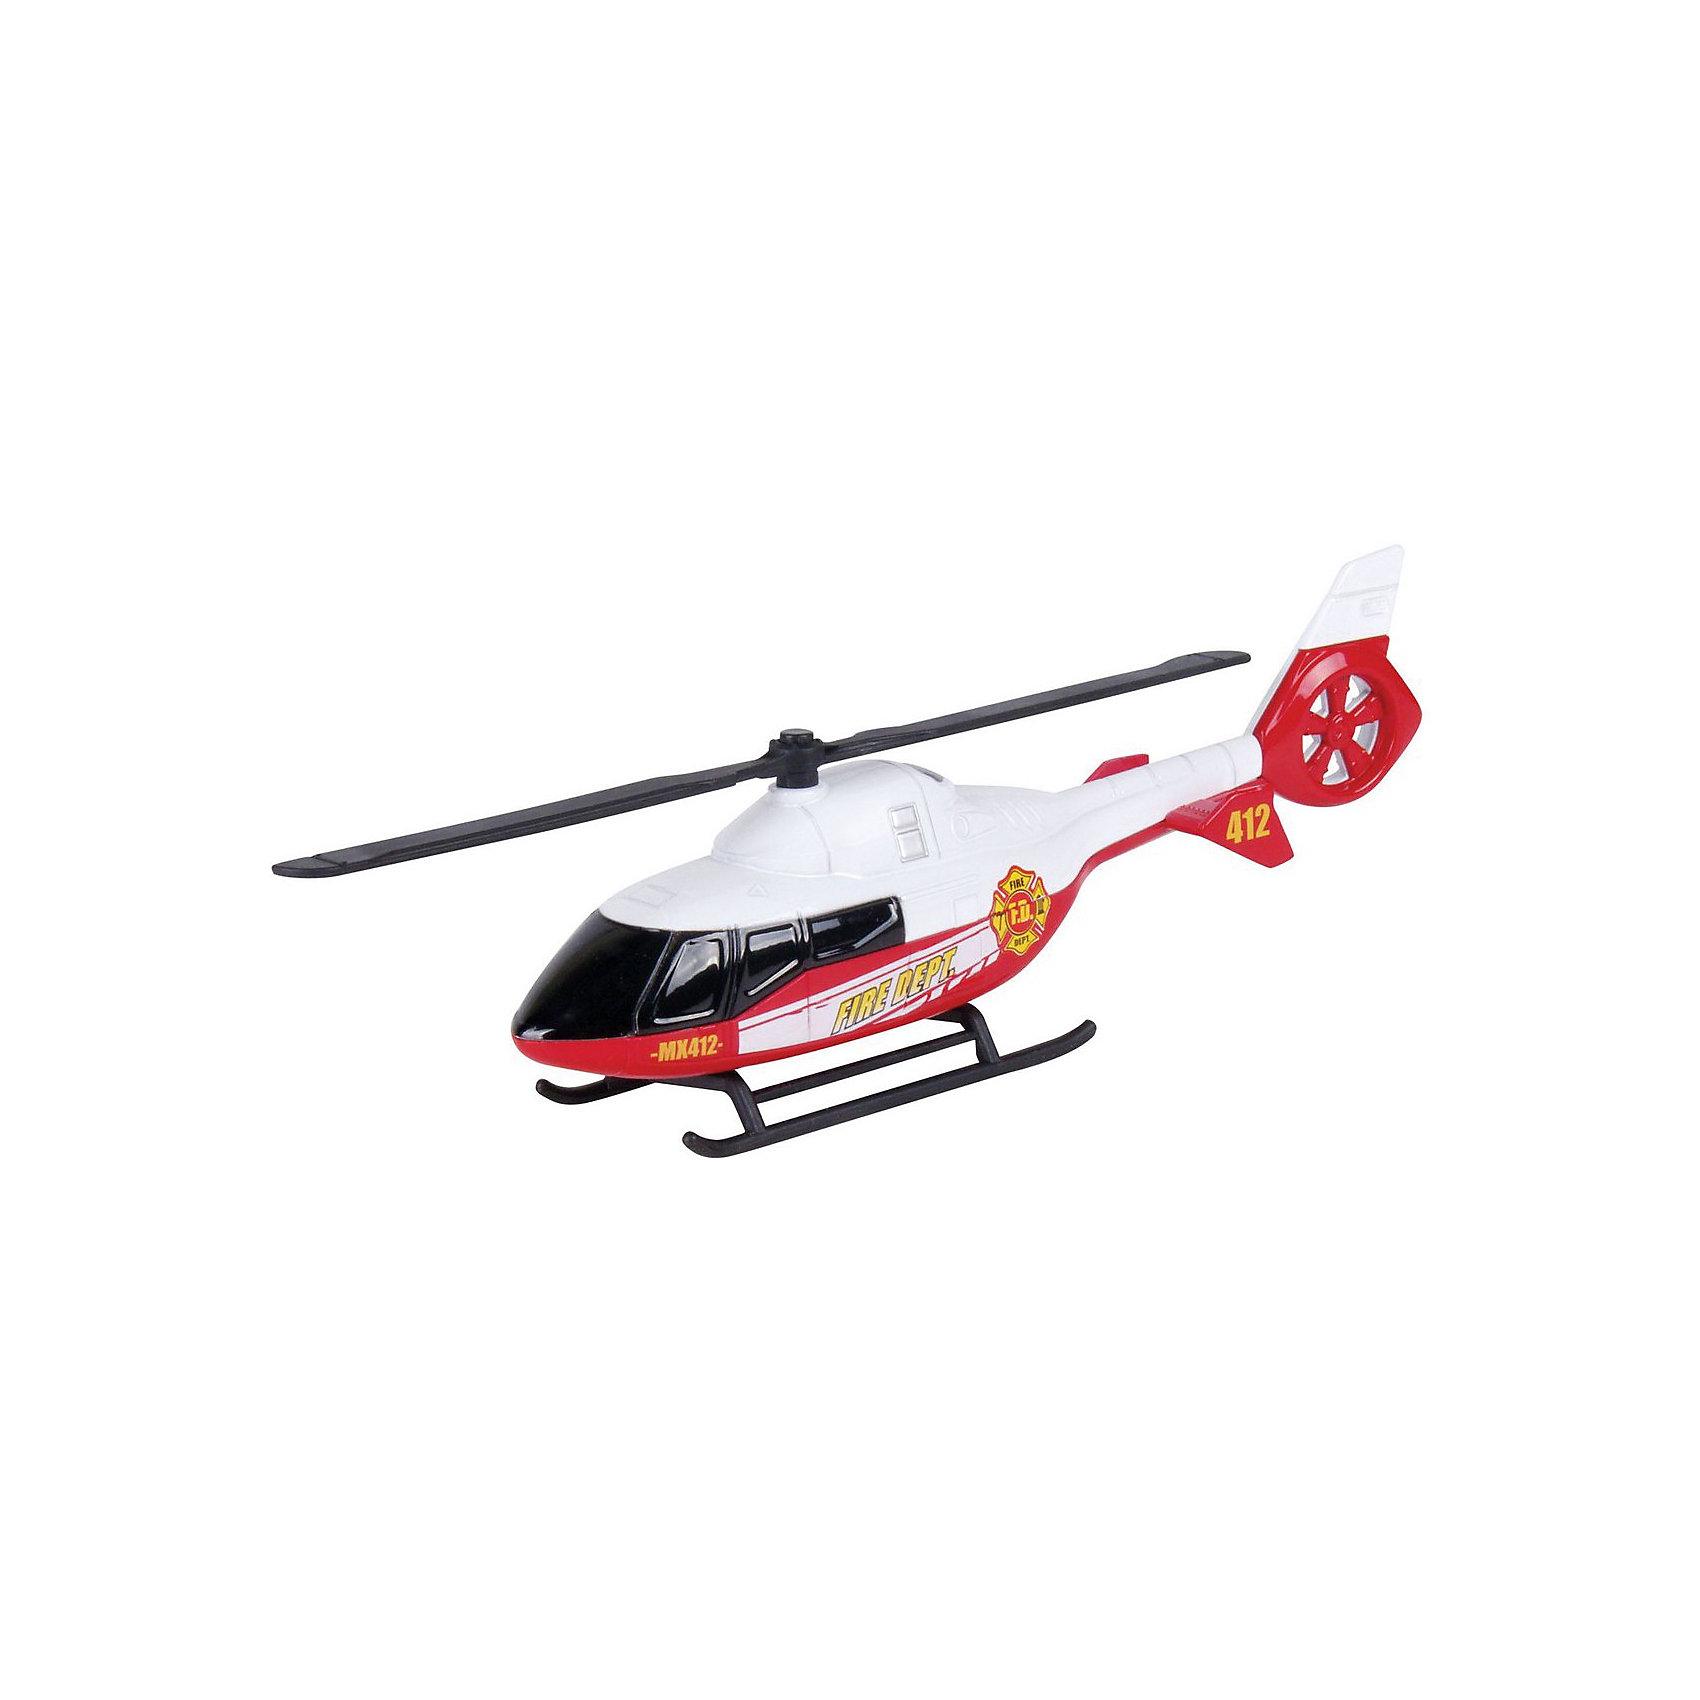 Вертолет Super Rescue Team 24, красный,  MotormaxСамолёты и вертолёты<br>Вертолет Super Rescue Team 24, красный,  Motormax (Мотормакс) – это отличное пополнение коллекции авиационной техники.<br>Модель вертолета спасательной команды Super Rescue Team. Модель выполнена из качественного и прочного металла. Она имеет отличную детализацию, поэтому может использоваться не только как обычная игрушка, но и как коллекционная модель. Модель вертолета изготовлена из безопасных и экологически чистых материалов.<br><br>Дополнительная информация:<br><br>- Длина вертолета: 24 см.<br>- Цвет: красный, белый<br>- Материал: пластик, металл, резина<br><br>Вертолет Super Rescue Team 24, красный,  Motormax (Мотормакс) можно купить в нашем интернет-магазине.<br><br>Ширина мм: 254<br>Глубина мм: 60<br>Высота мм: 10<br>Вес г: 230<br>Возраст от месяцев: 36<br>Возраст до месяцев: 168<br>Пол: Мужской<br>Возраст: Детский<br>SKU: 3839014